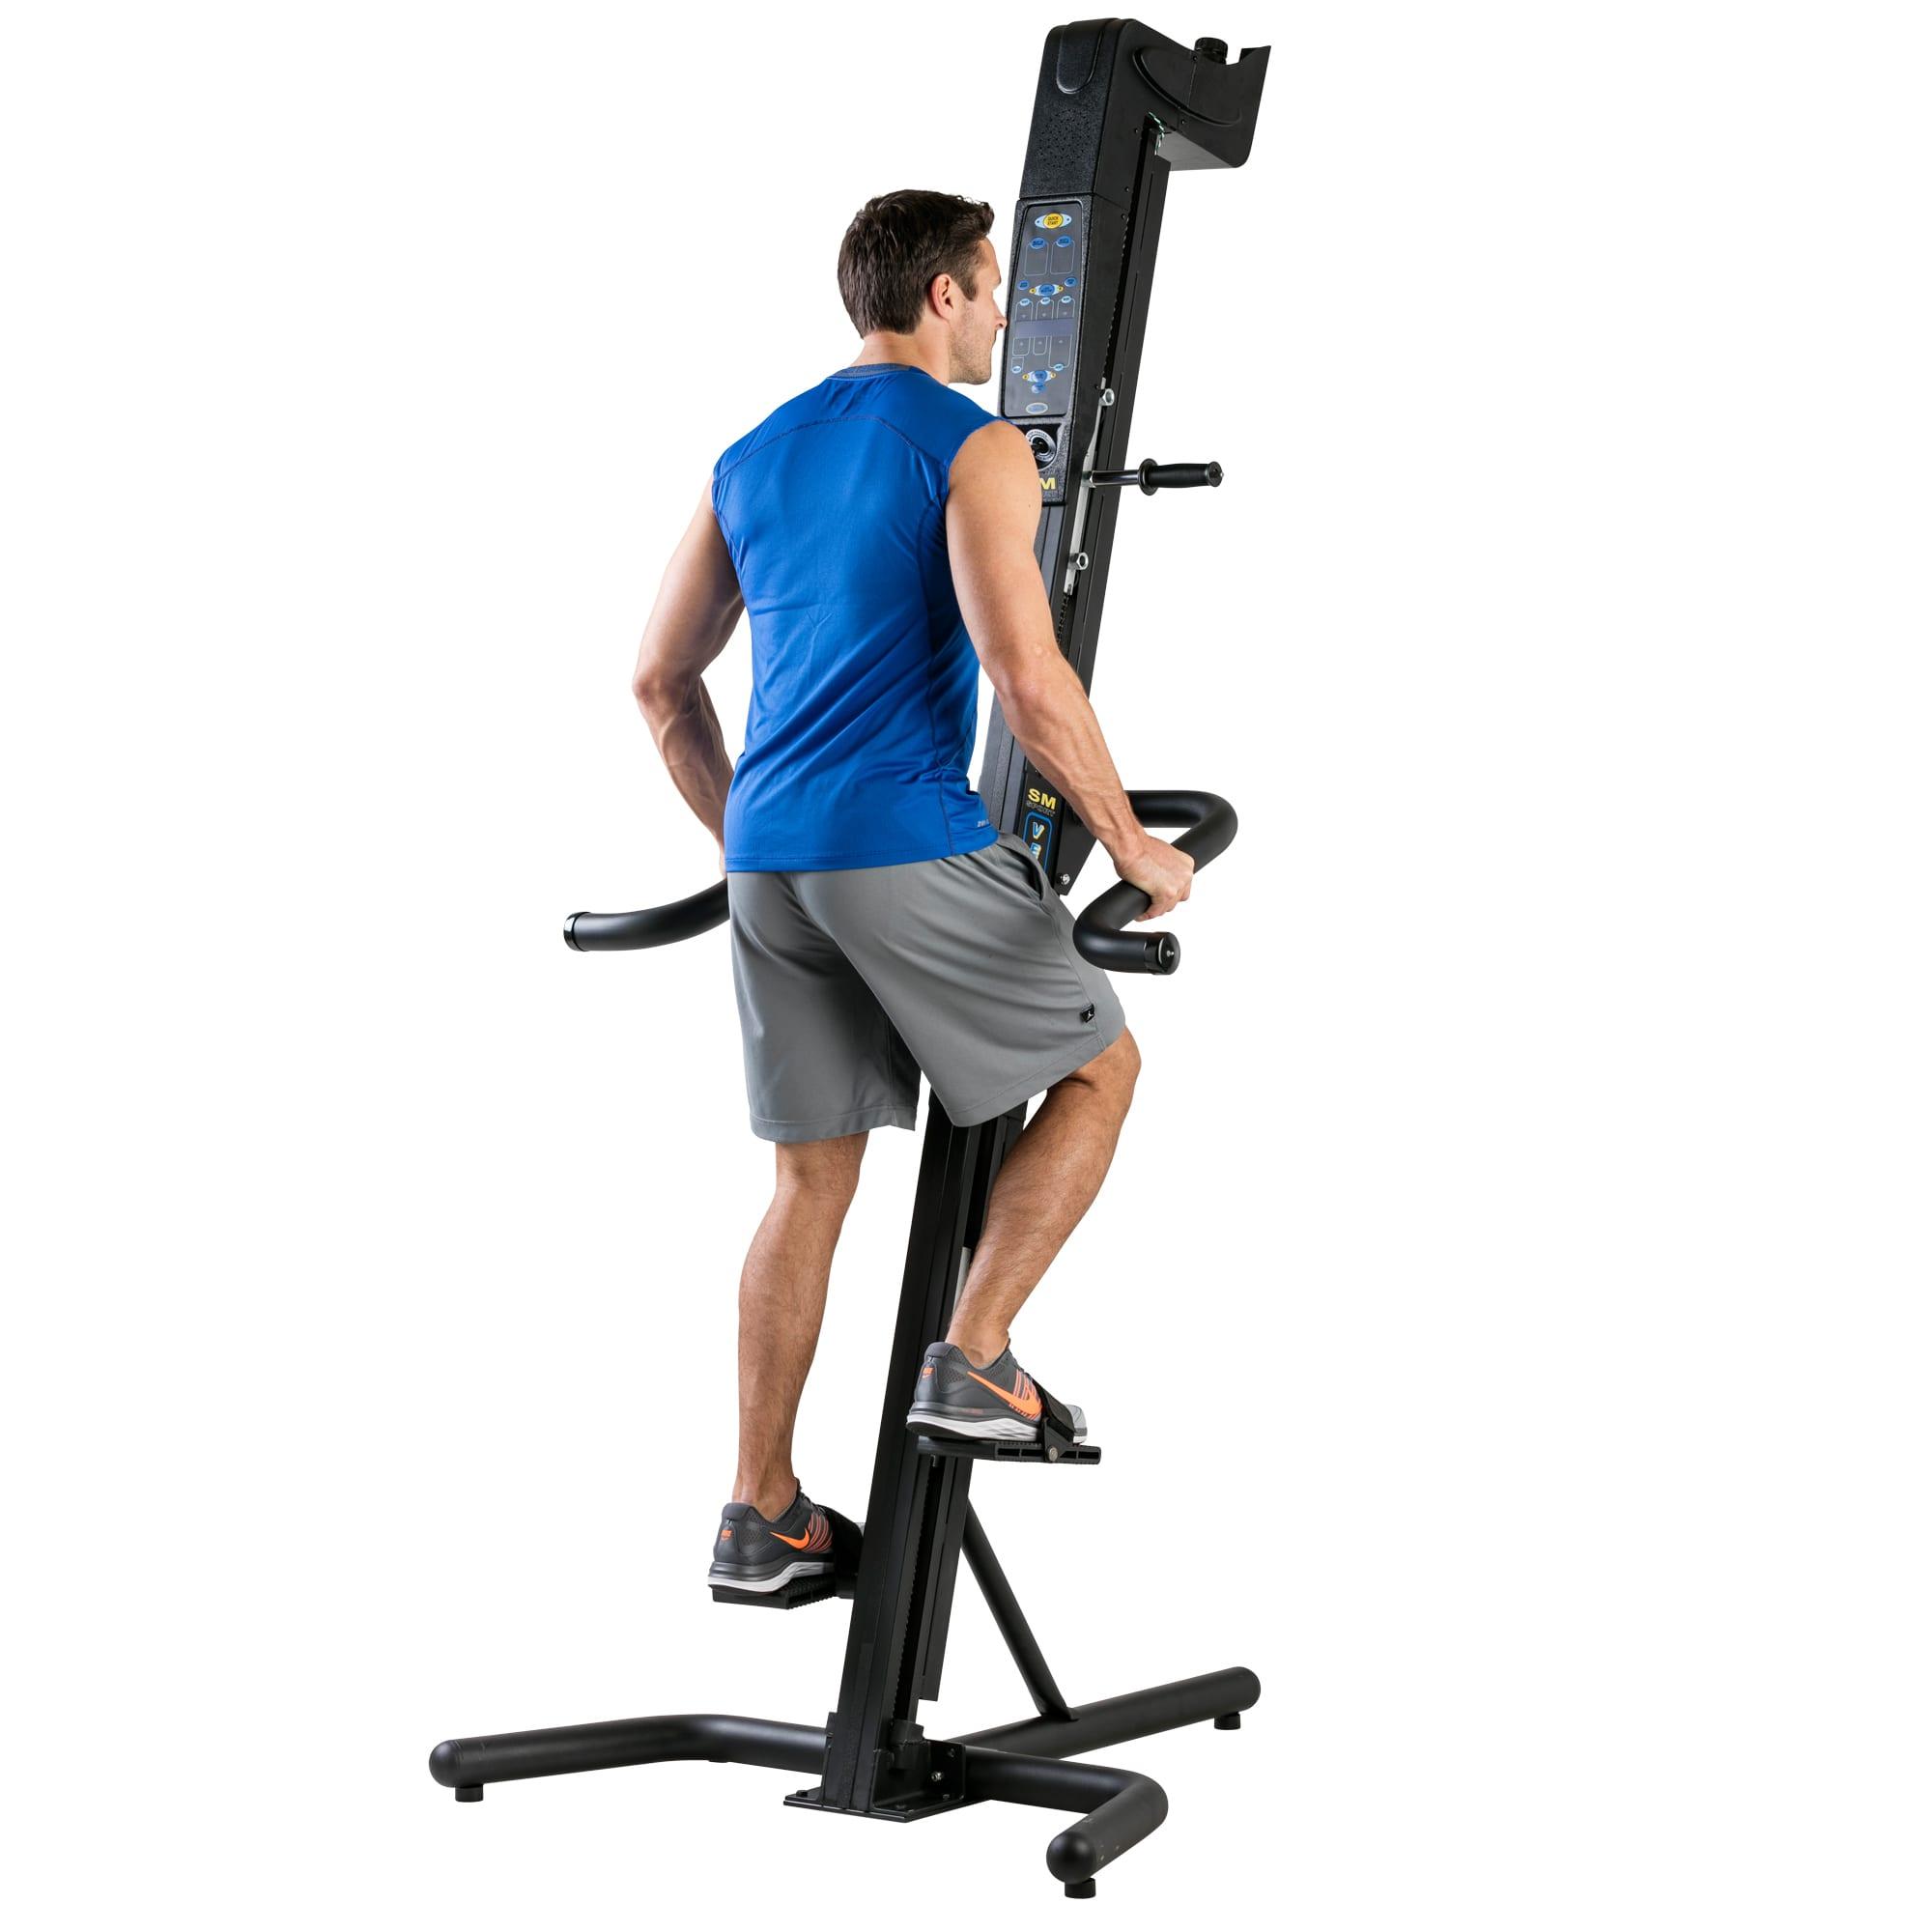 Climber Machine Workout Plan Eoua Blog